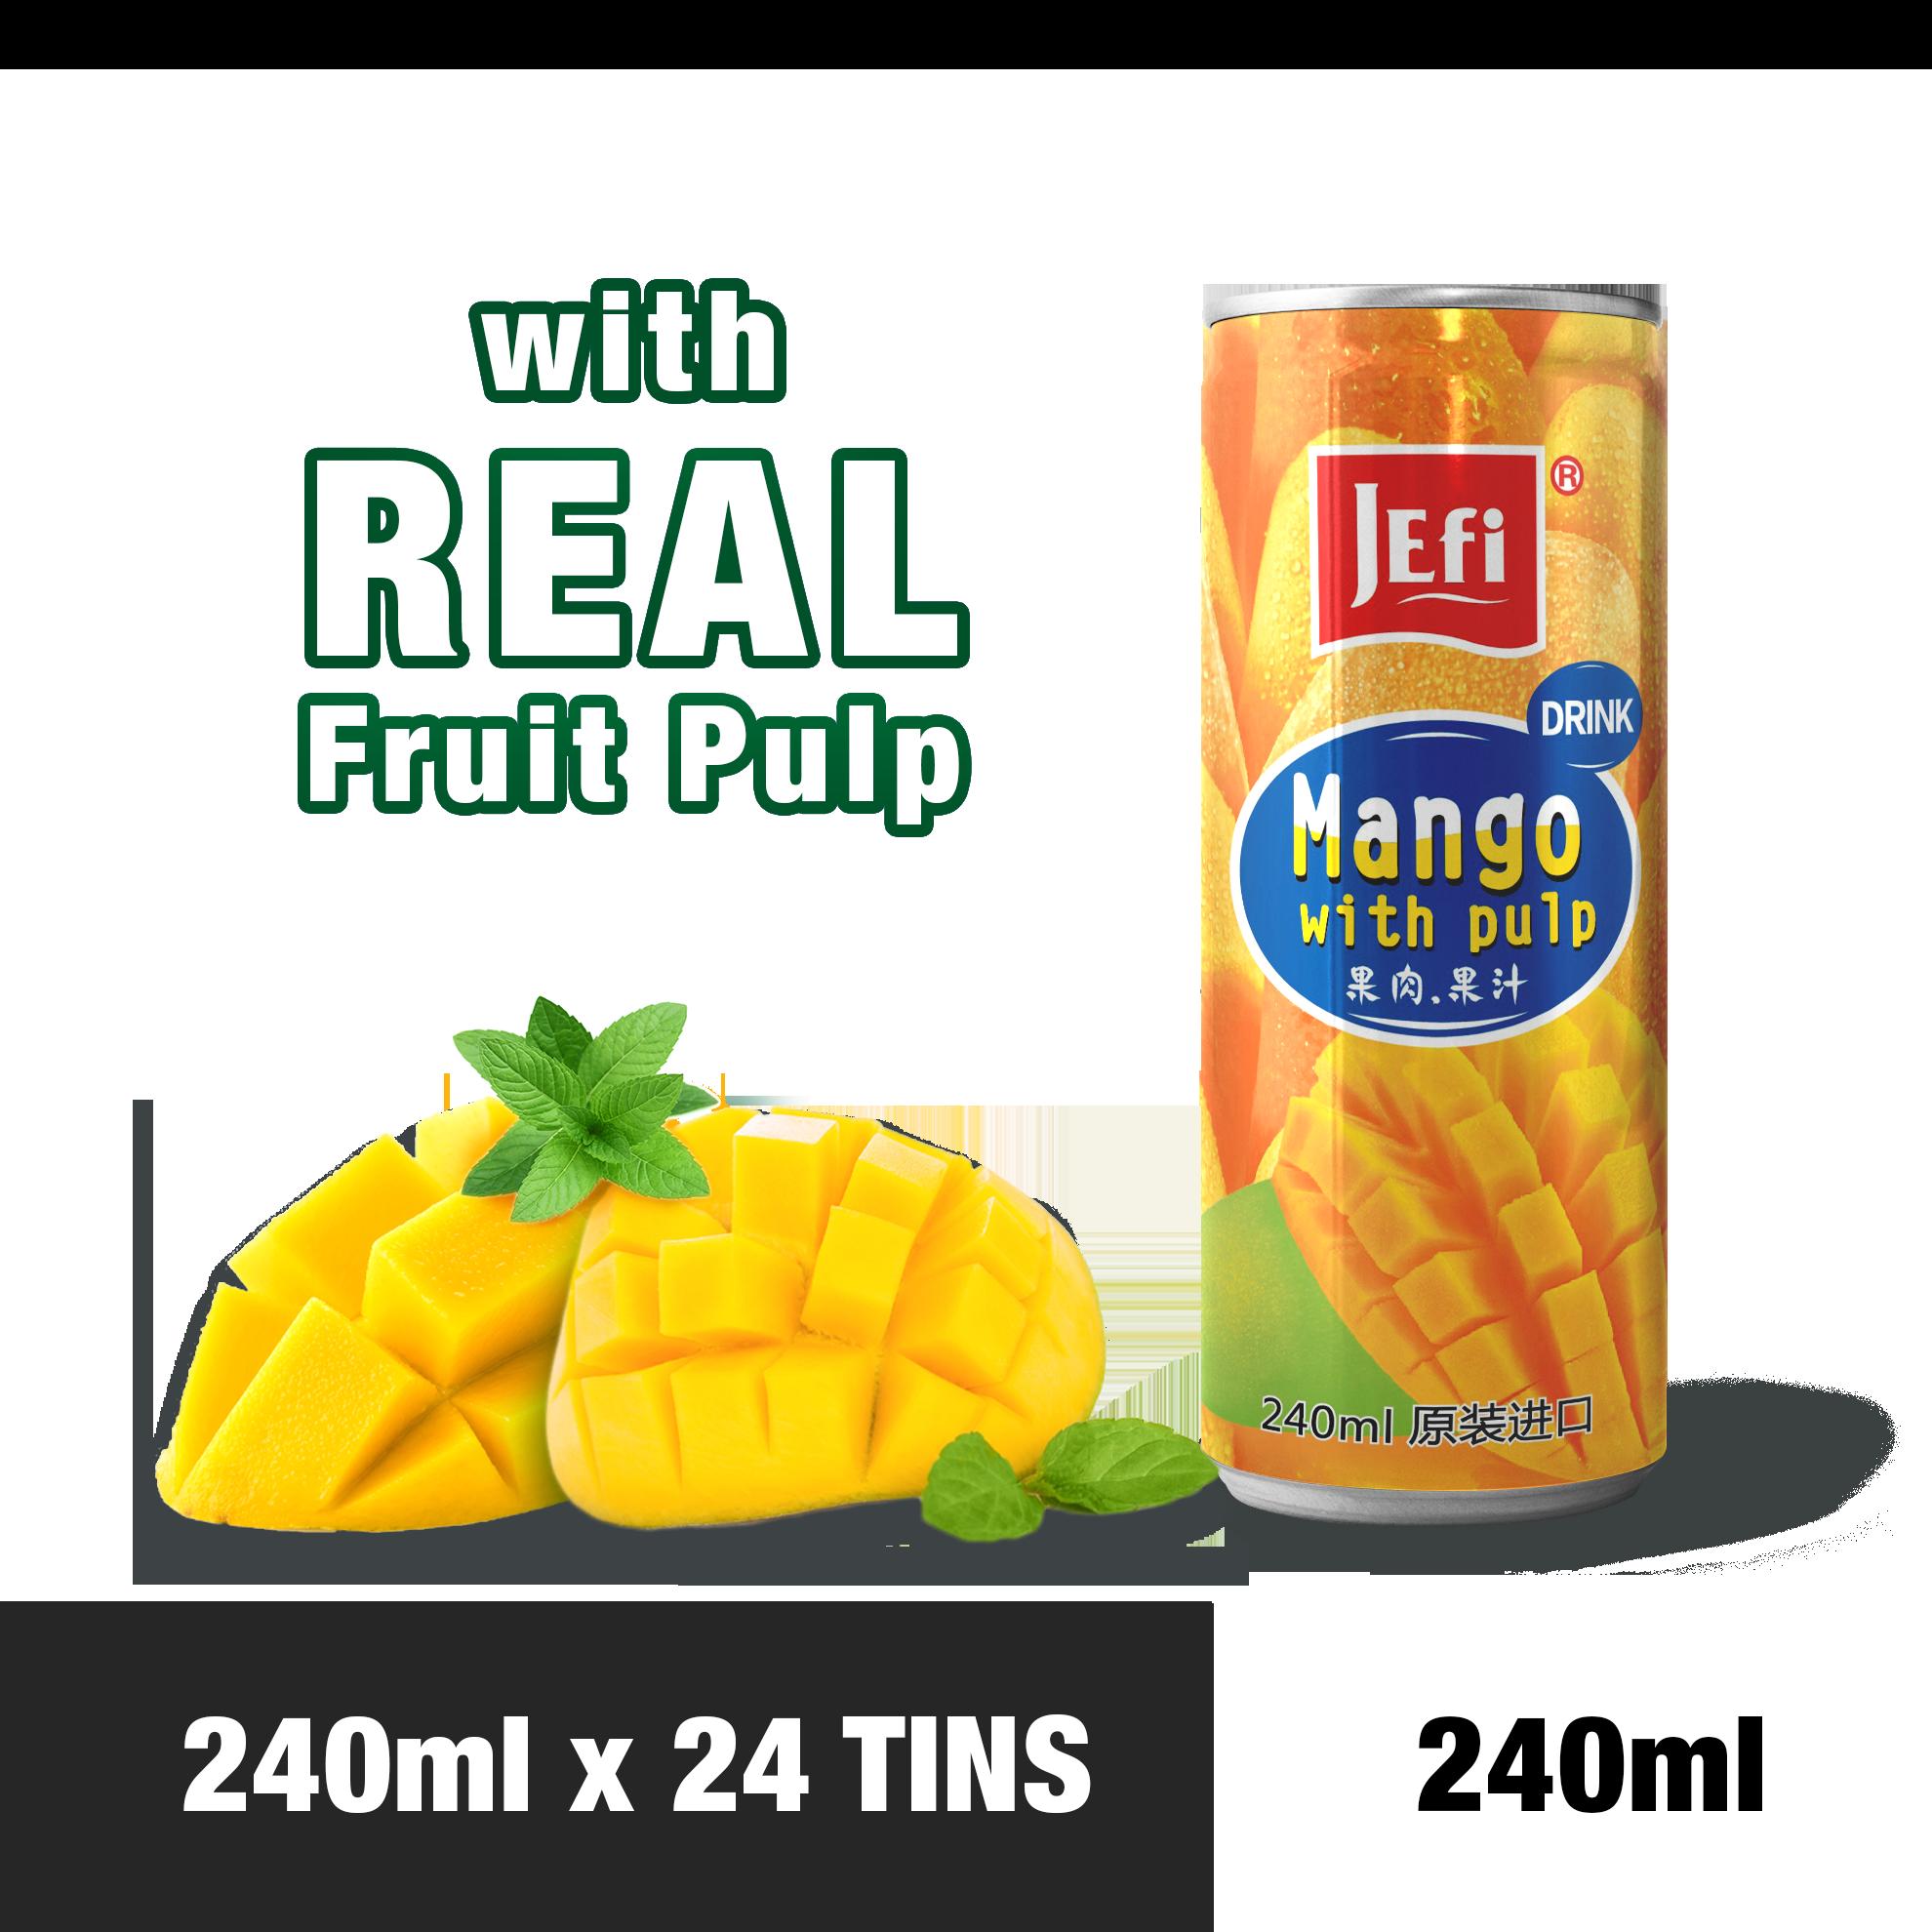 JEFI Mango Drink with Real Fruit Pulp (240ml x 24tins)